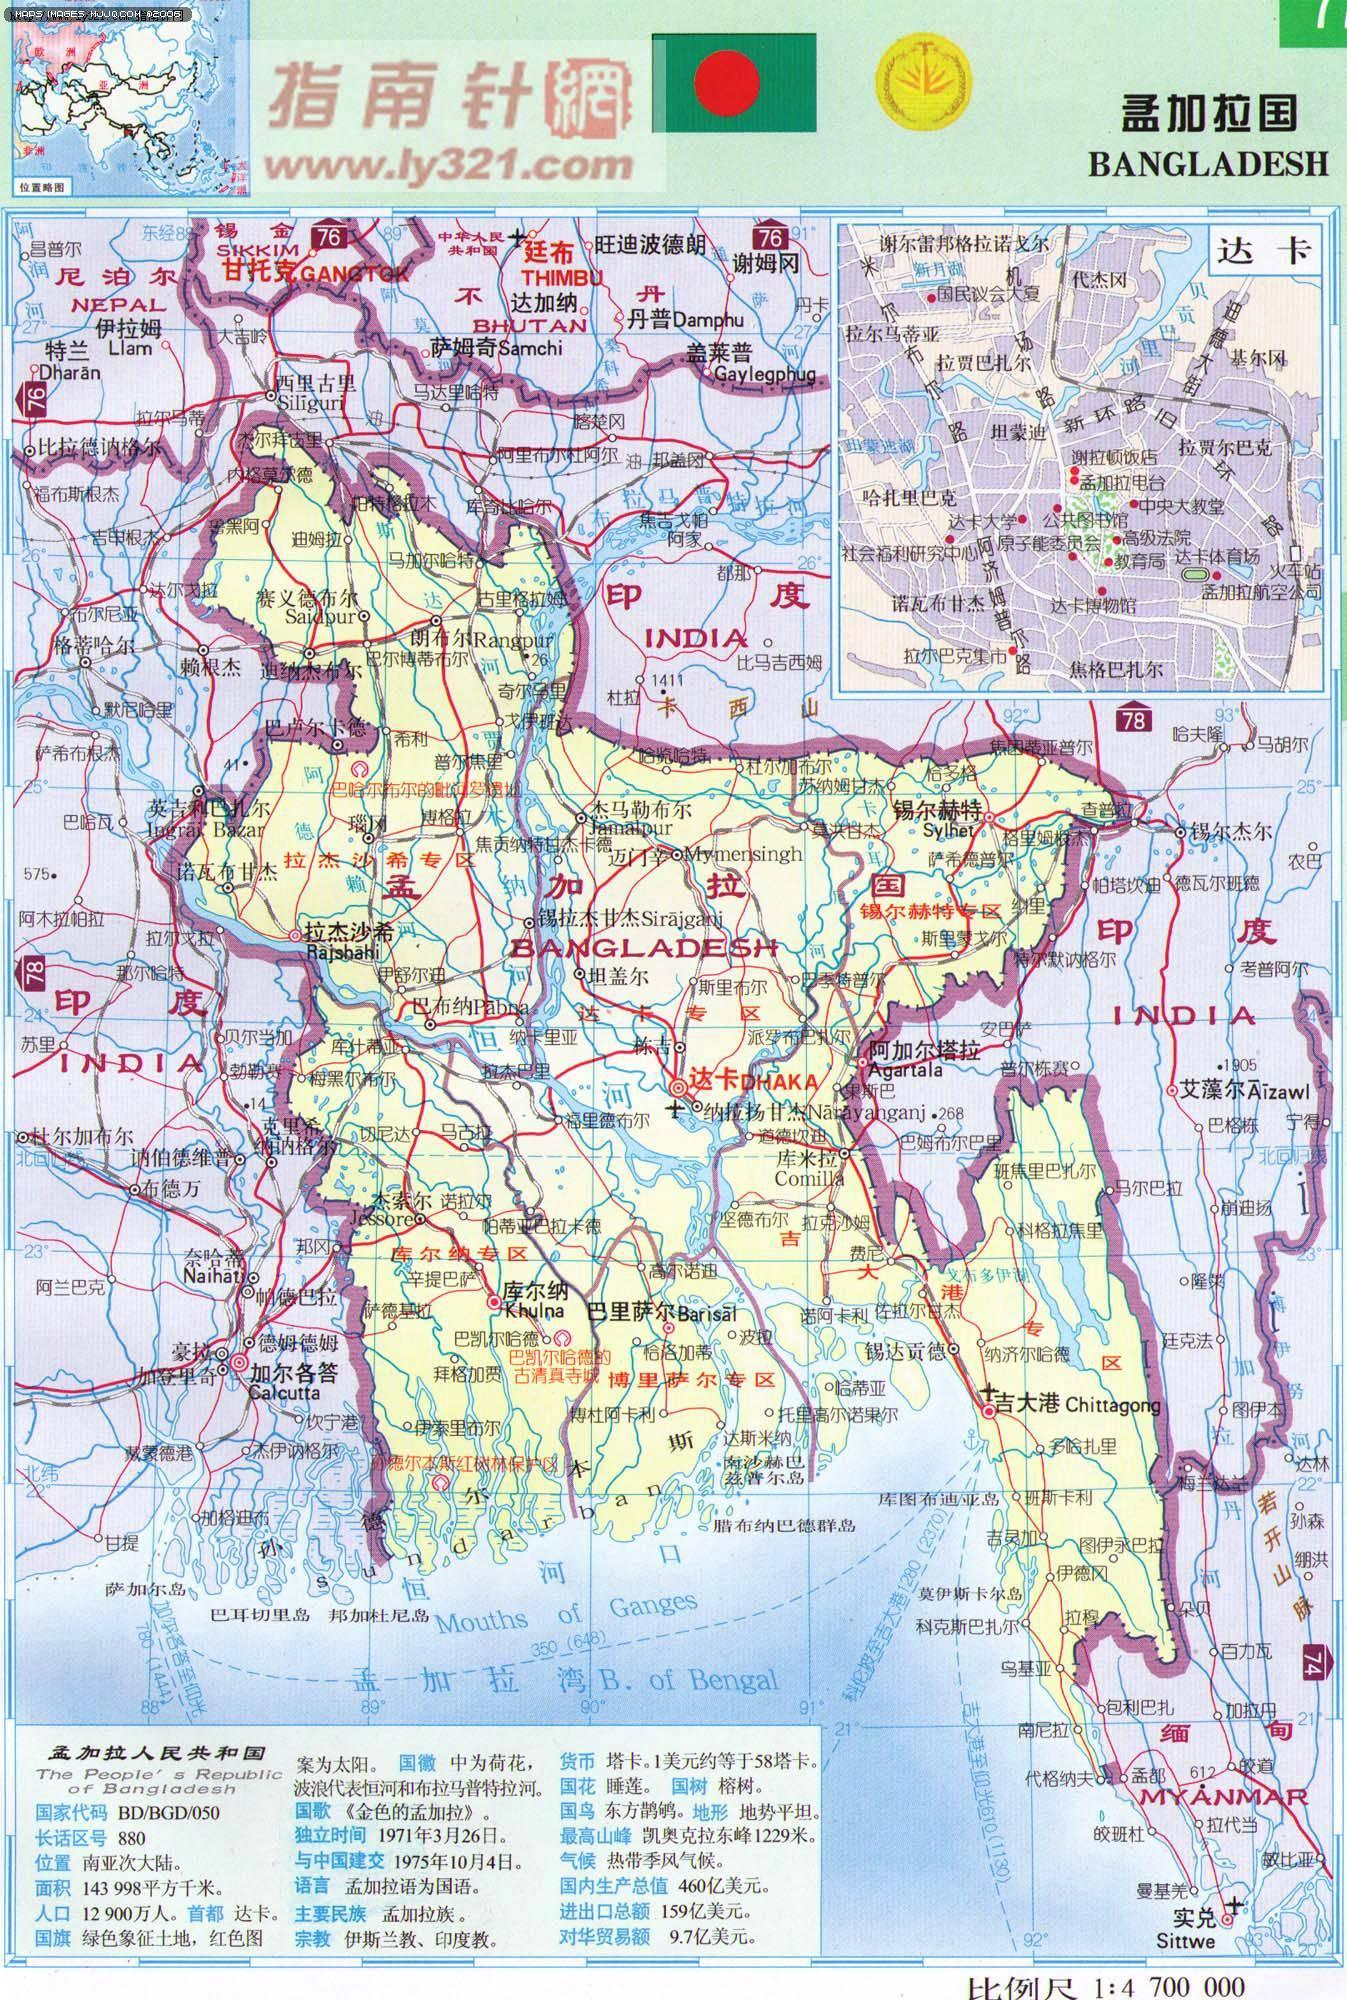 地图 孟加拉国/亚洲地图 Asia Map相关链接...